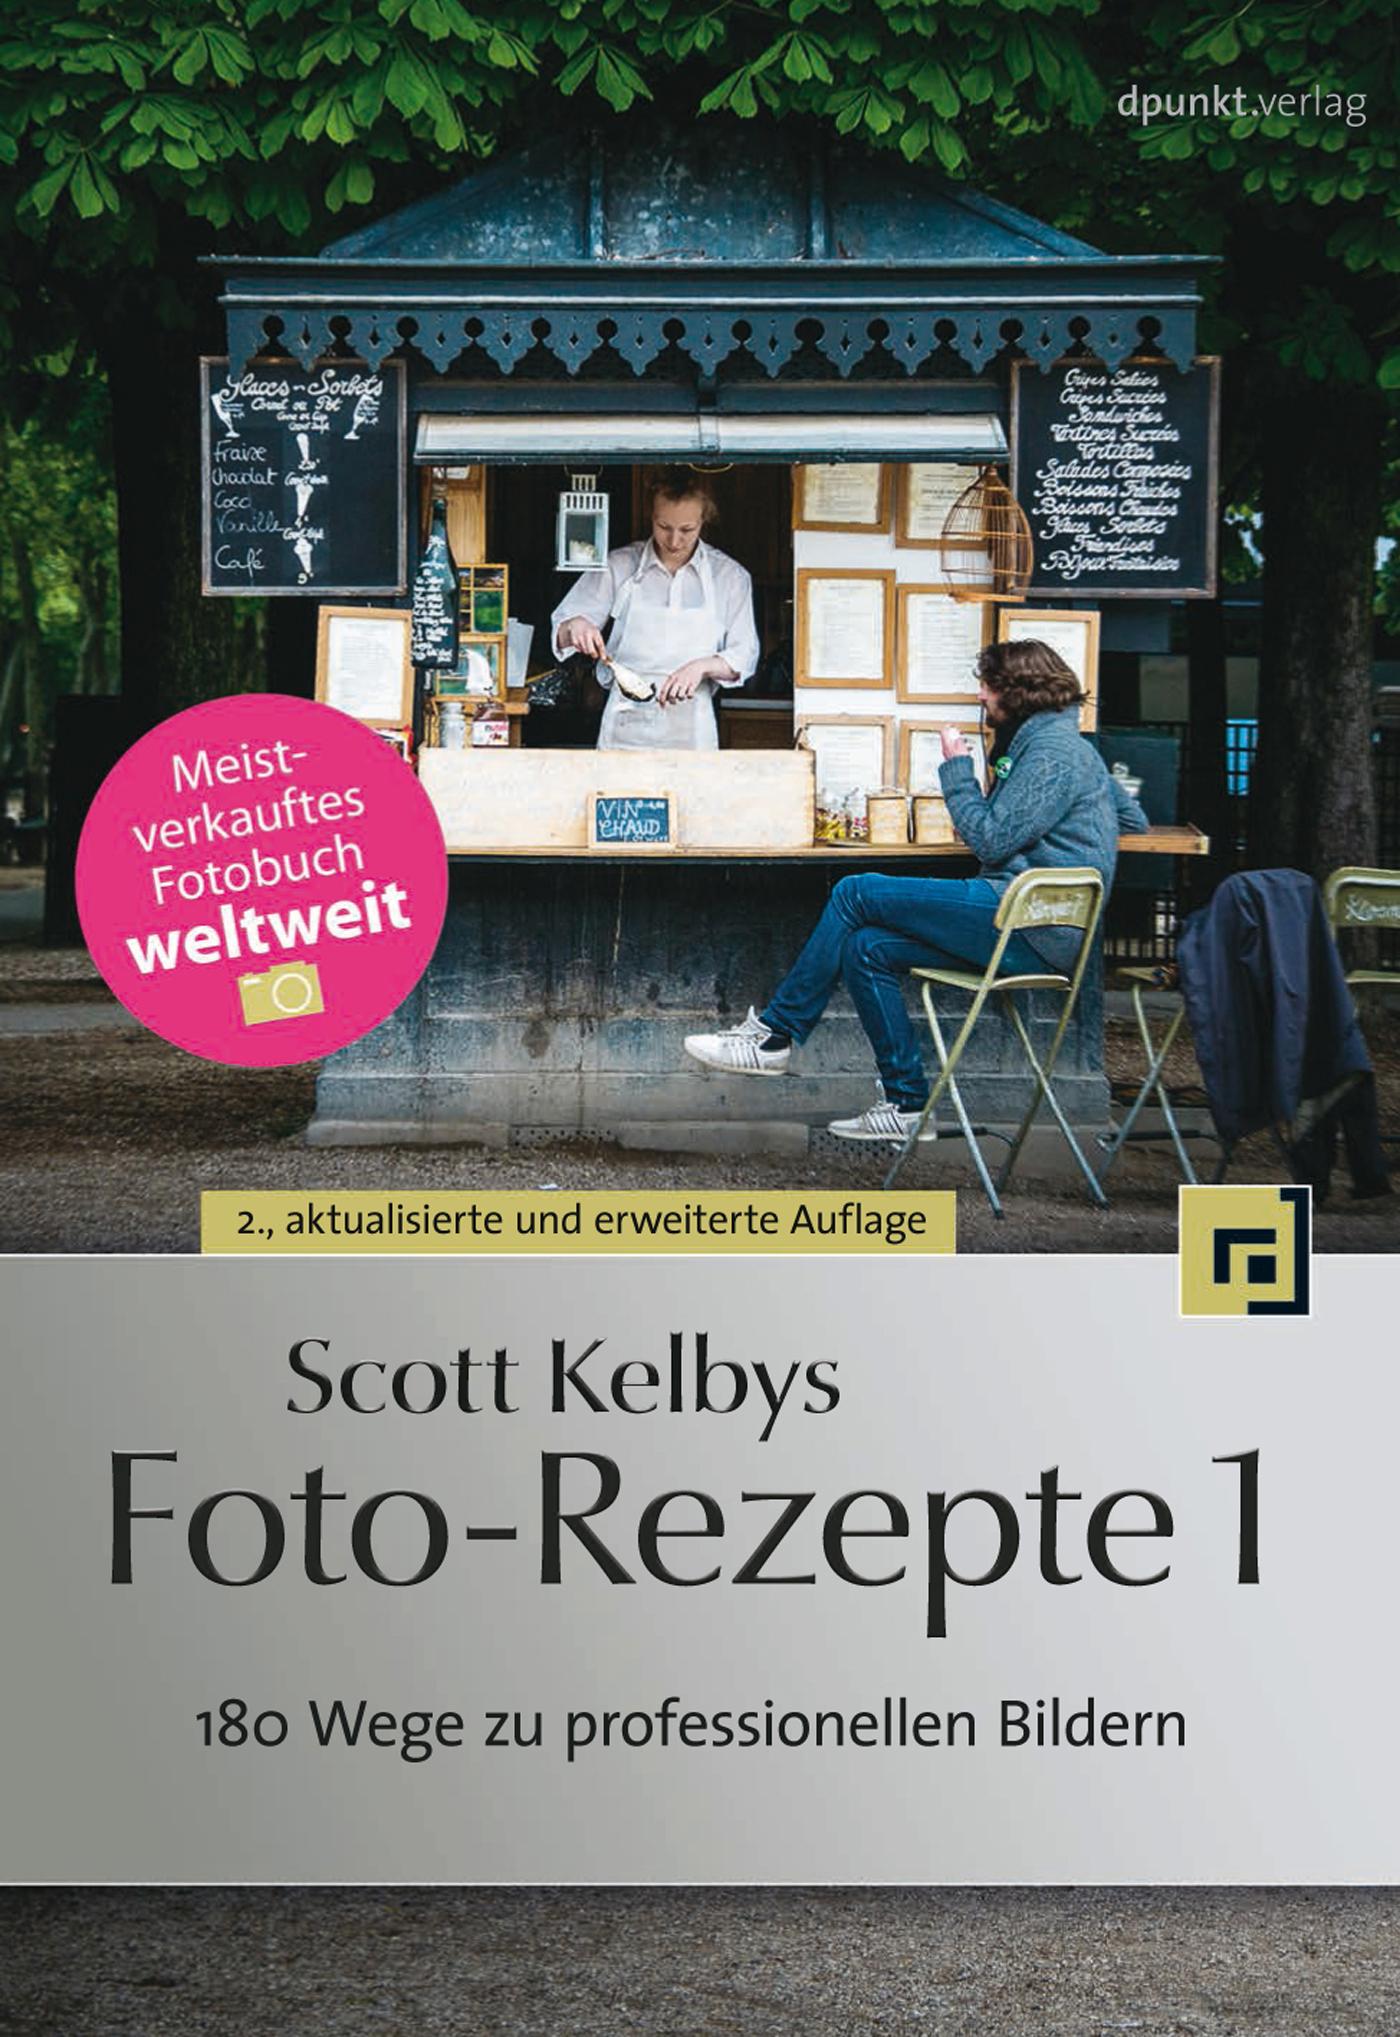 Scott Kelby Scott Kelbys Foto-Rezepte 1